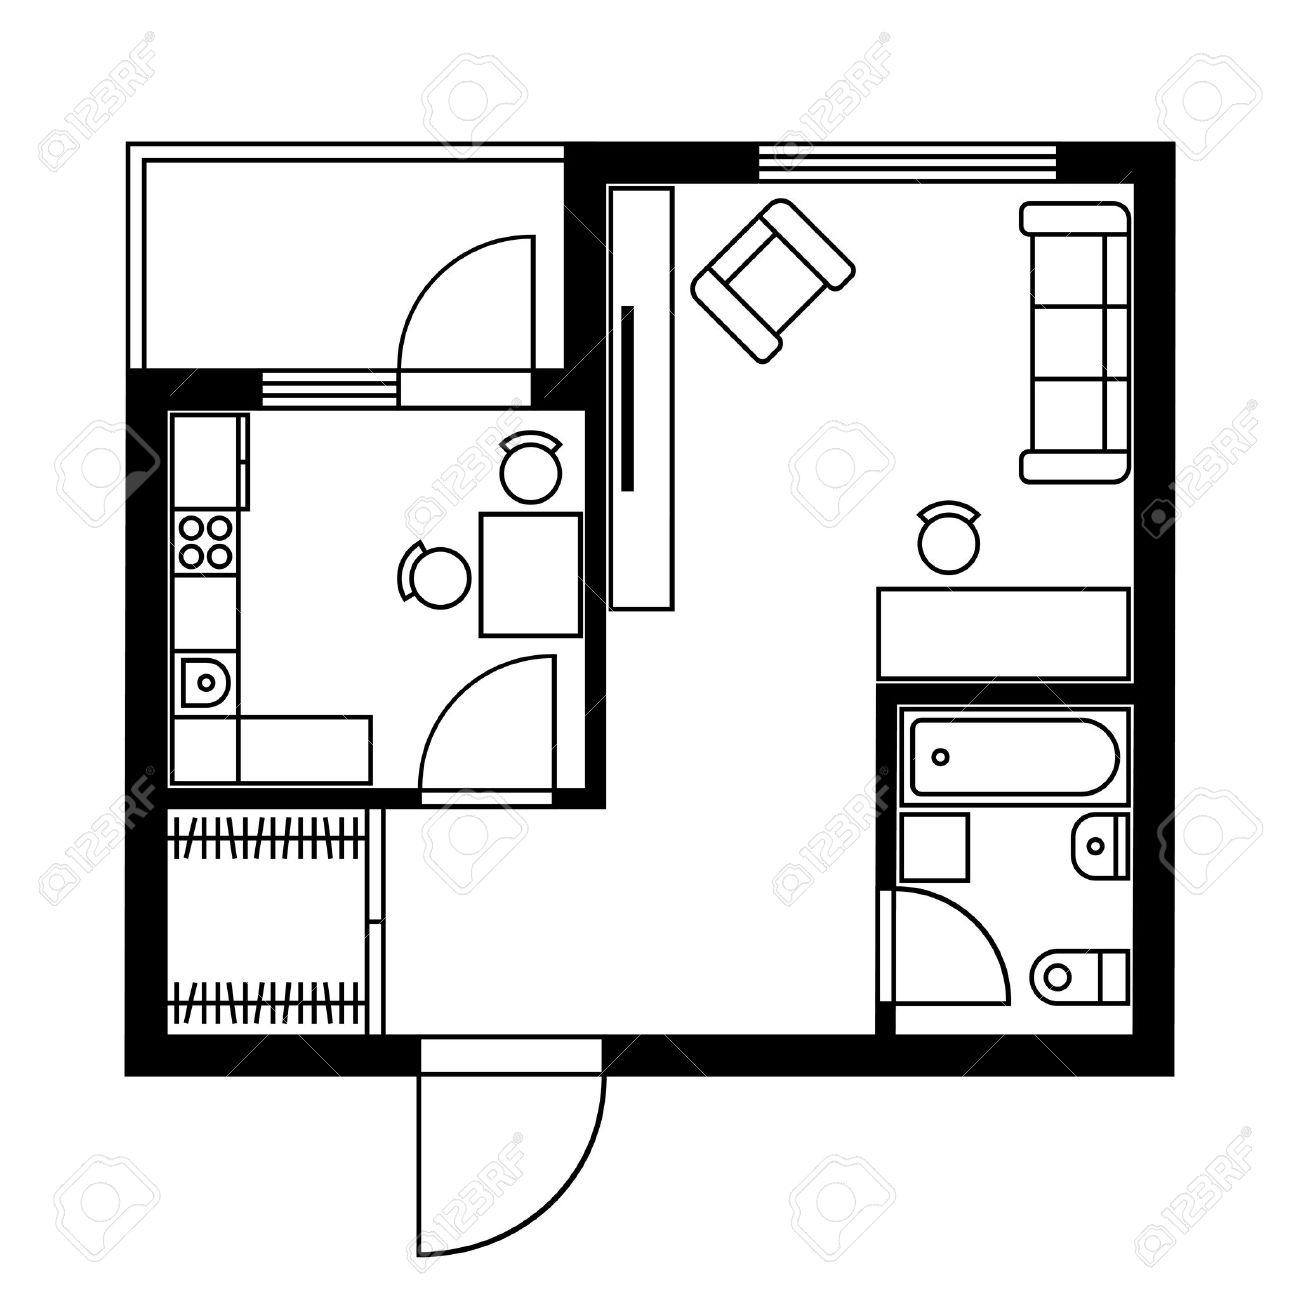 Plan Architecte Et Maison Plan De E Dune Maison Avec Des Meubles